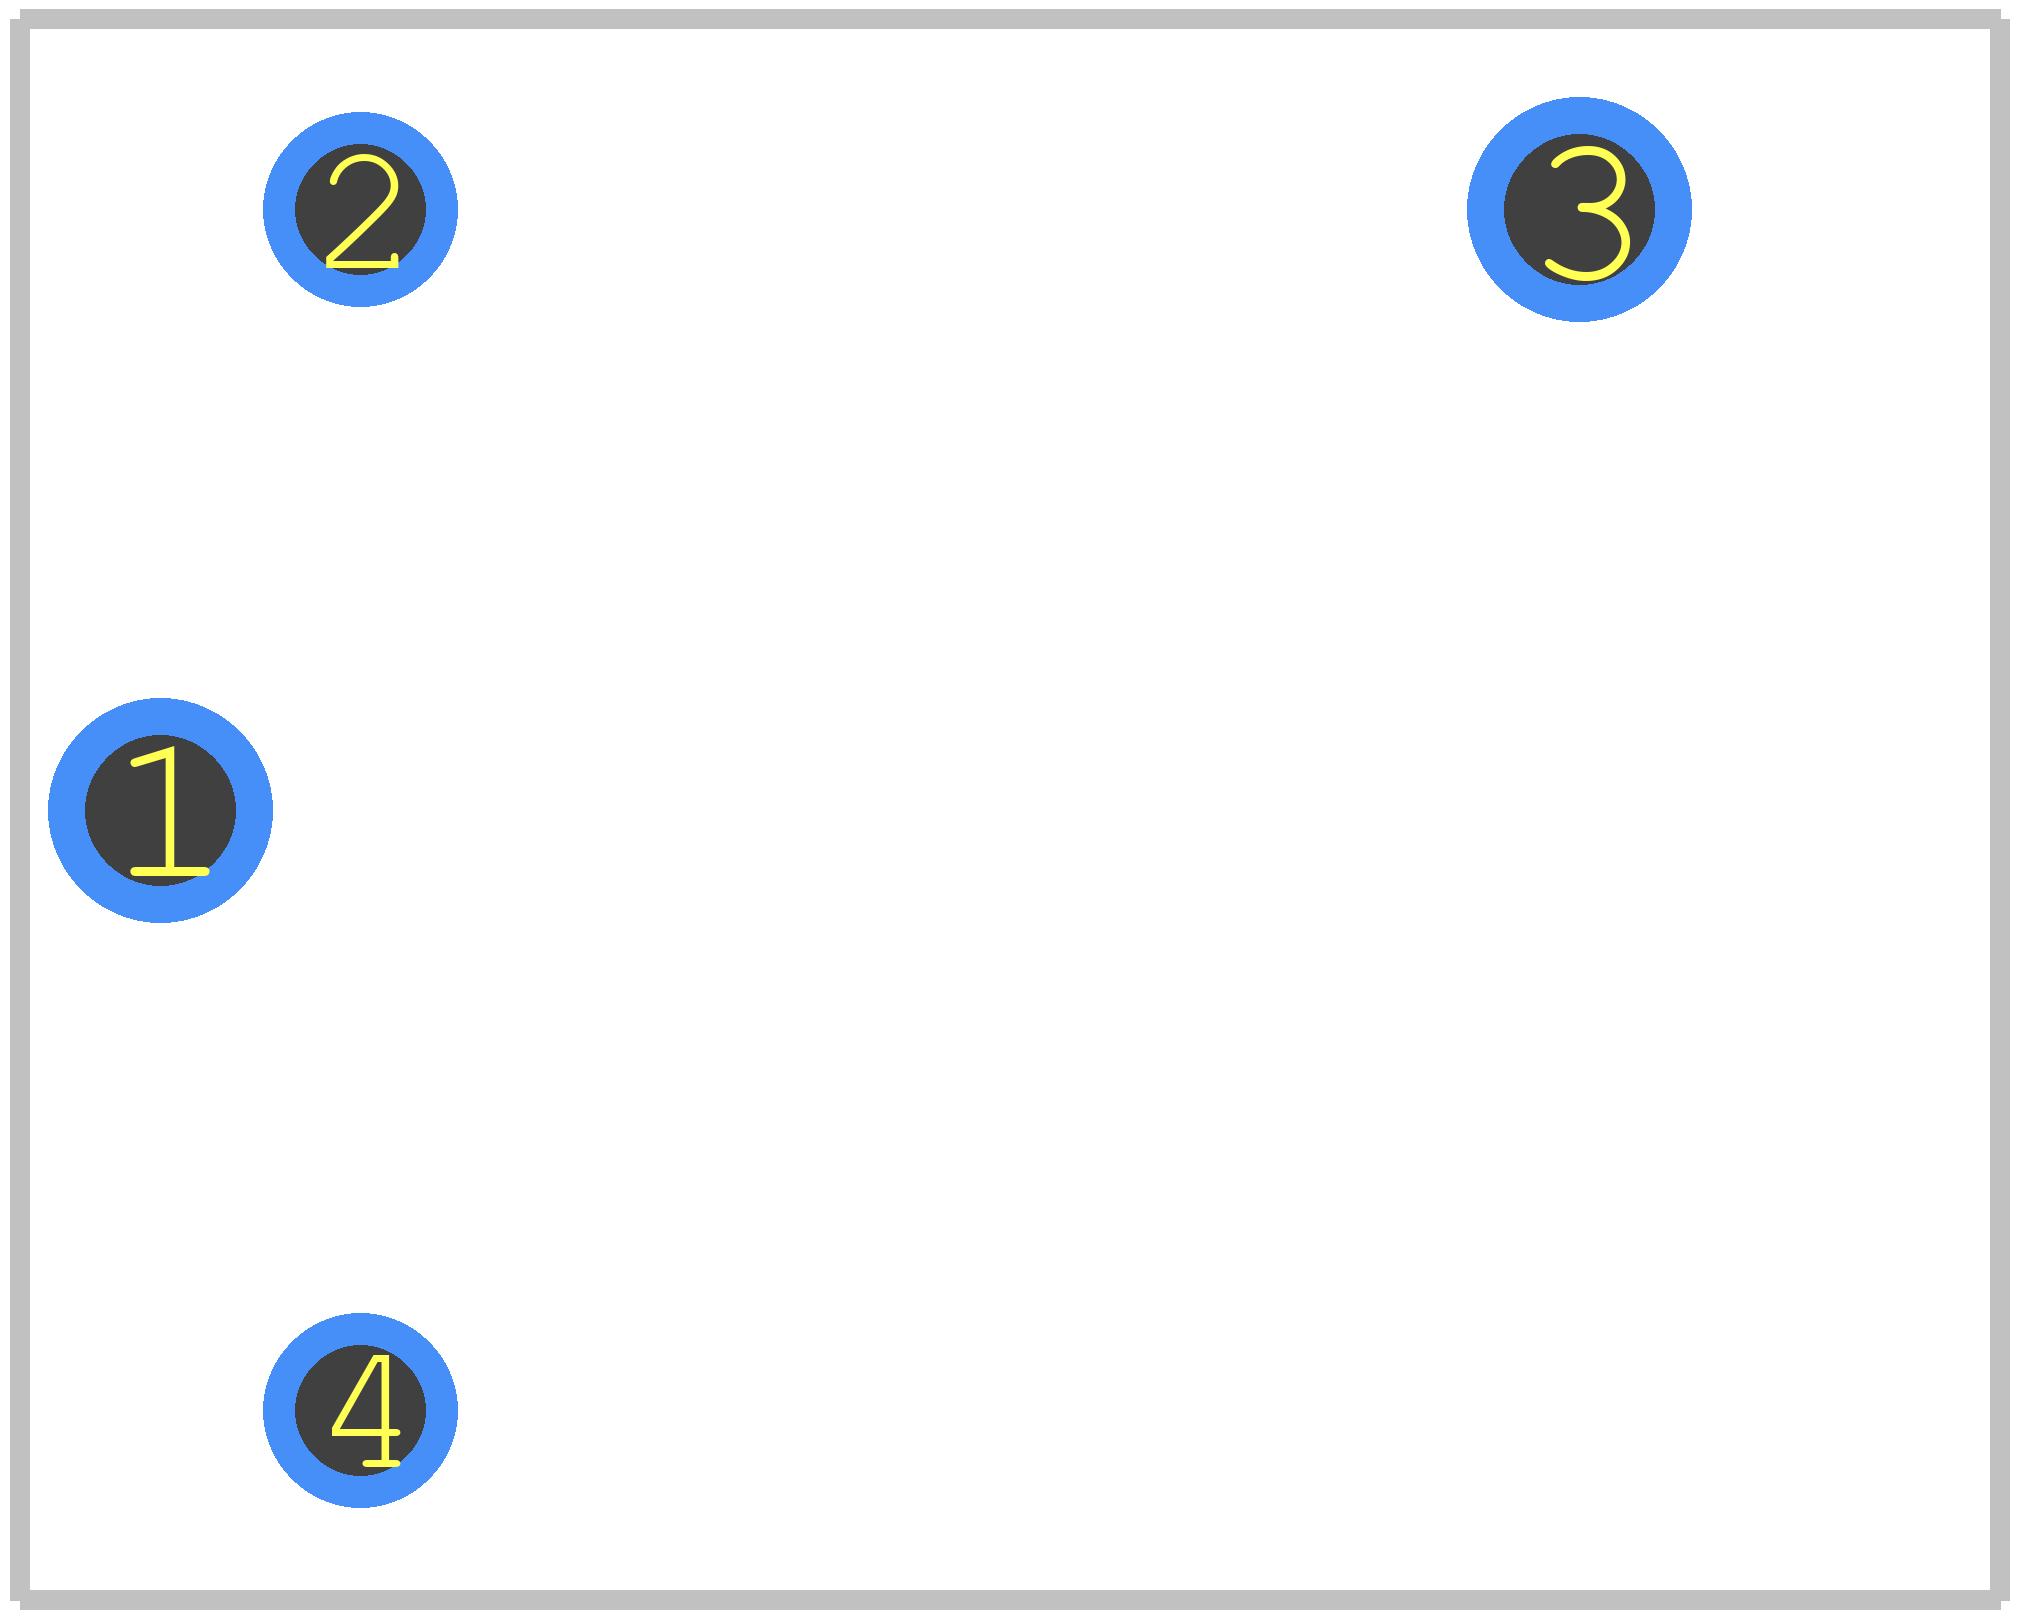 Ausgezeichnet Spst Symbol Ideen - Der Schaltplan - triangre.info